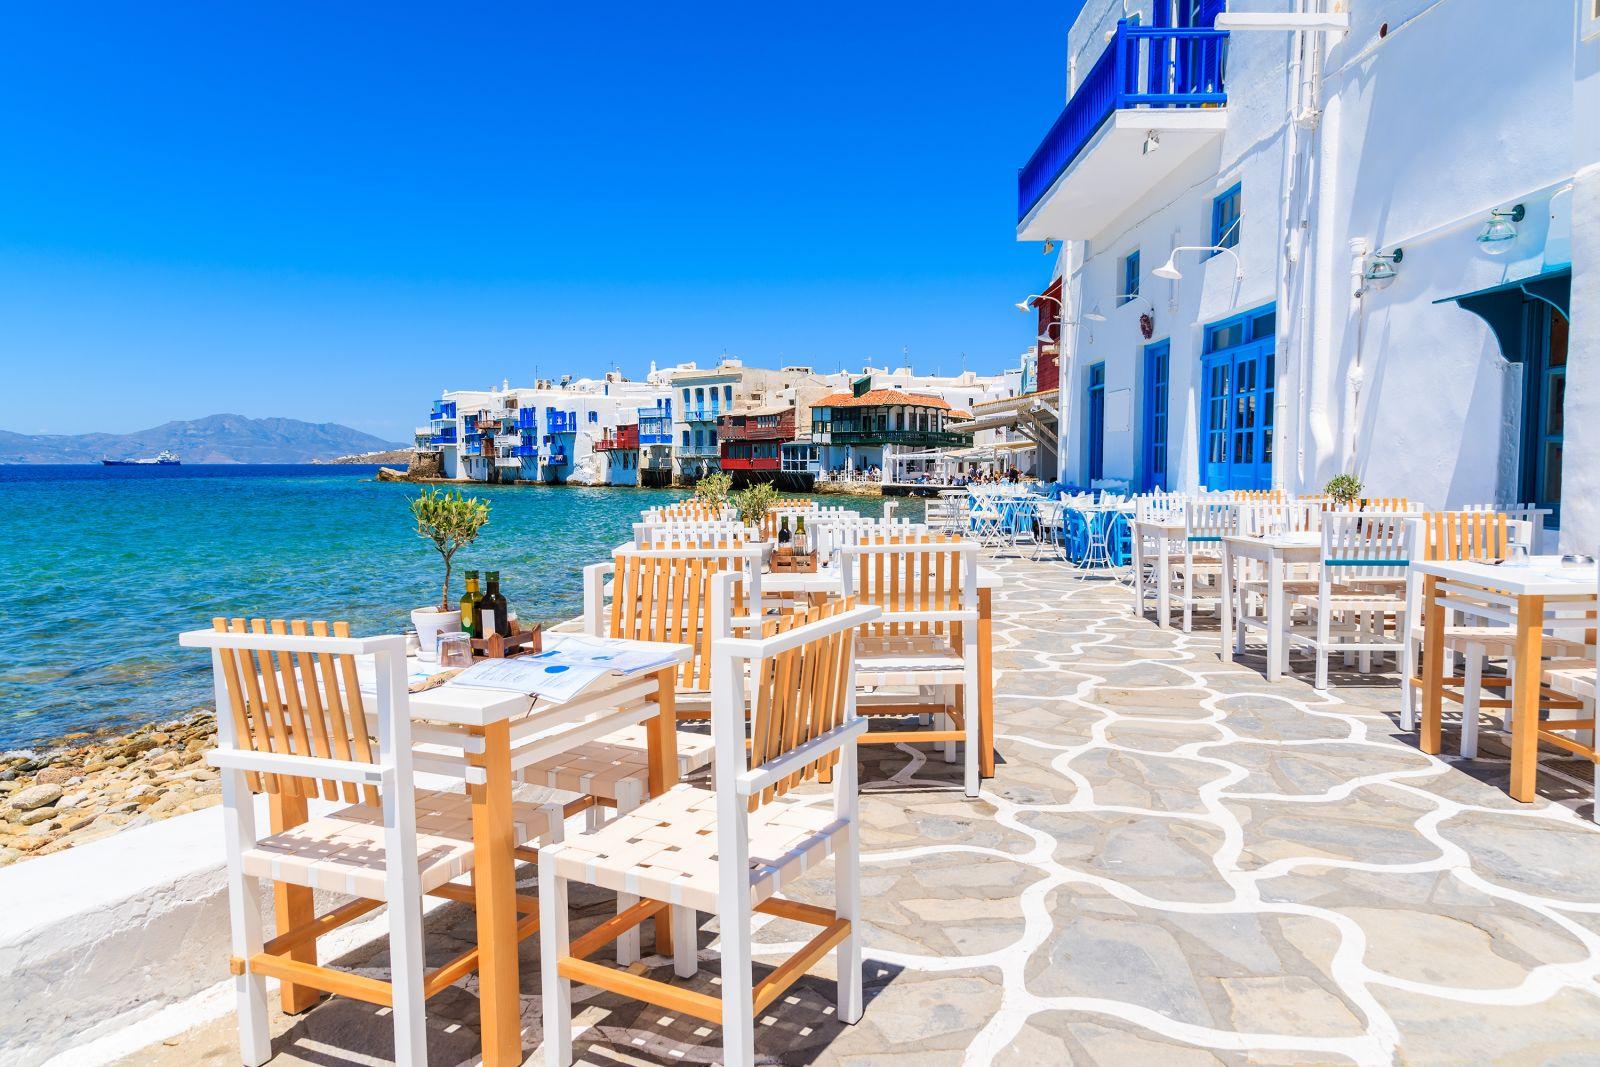 Taverne an der Küste von Mykonos